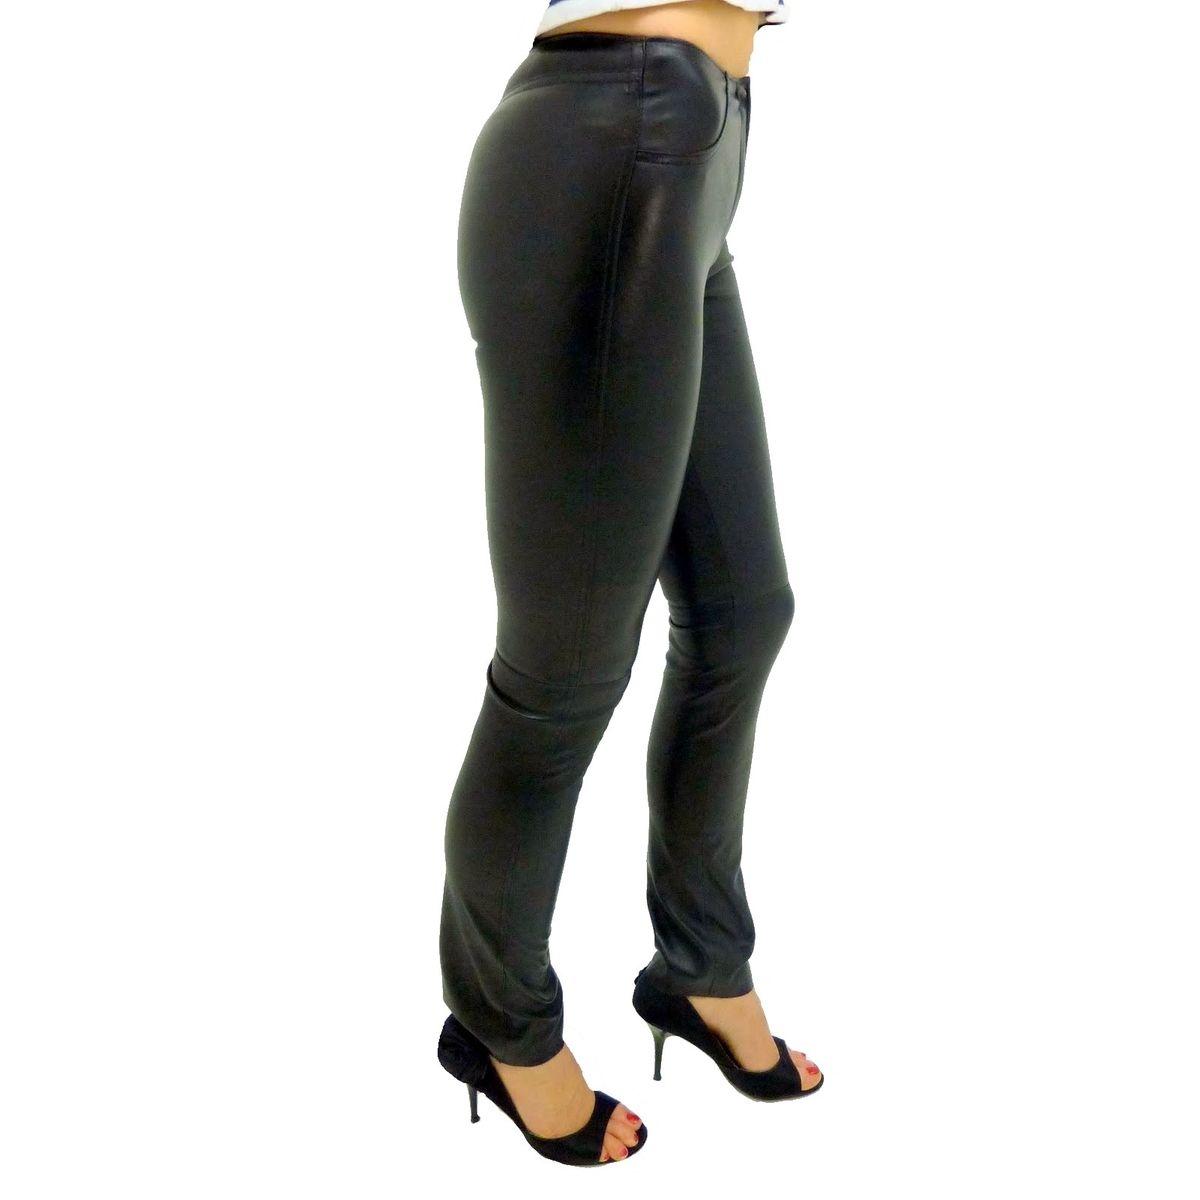 Femme Pantalon Pantalon slim